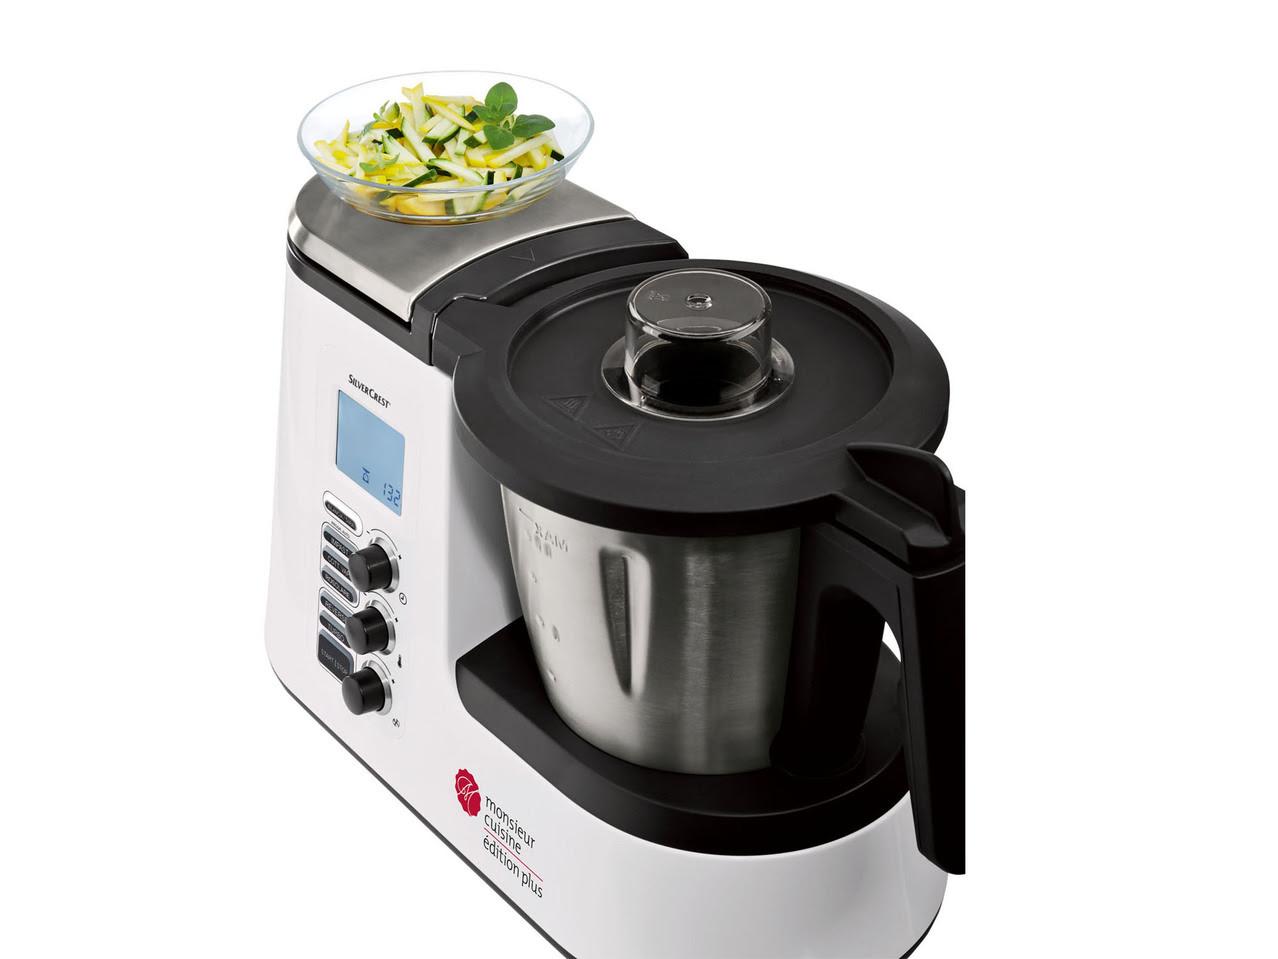 Multifunctional Kitchen Robot Monsieur Cuisine Edition Plus Lidl